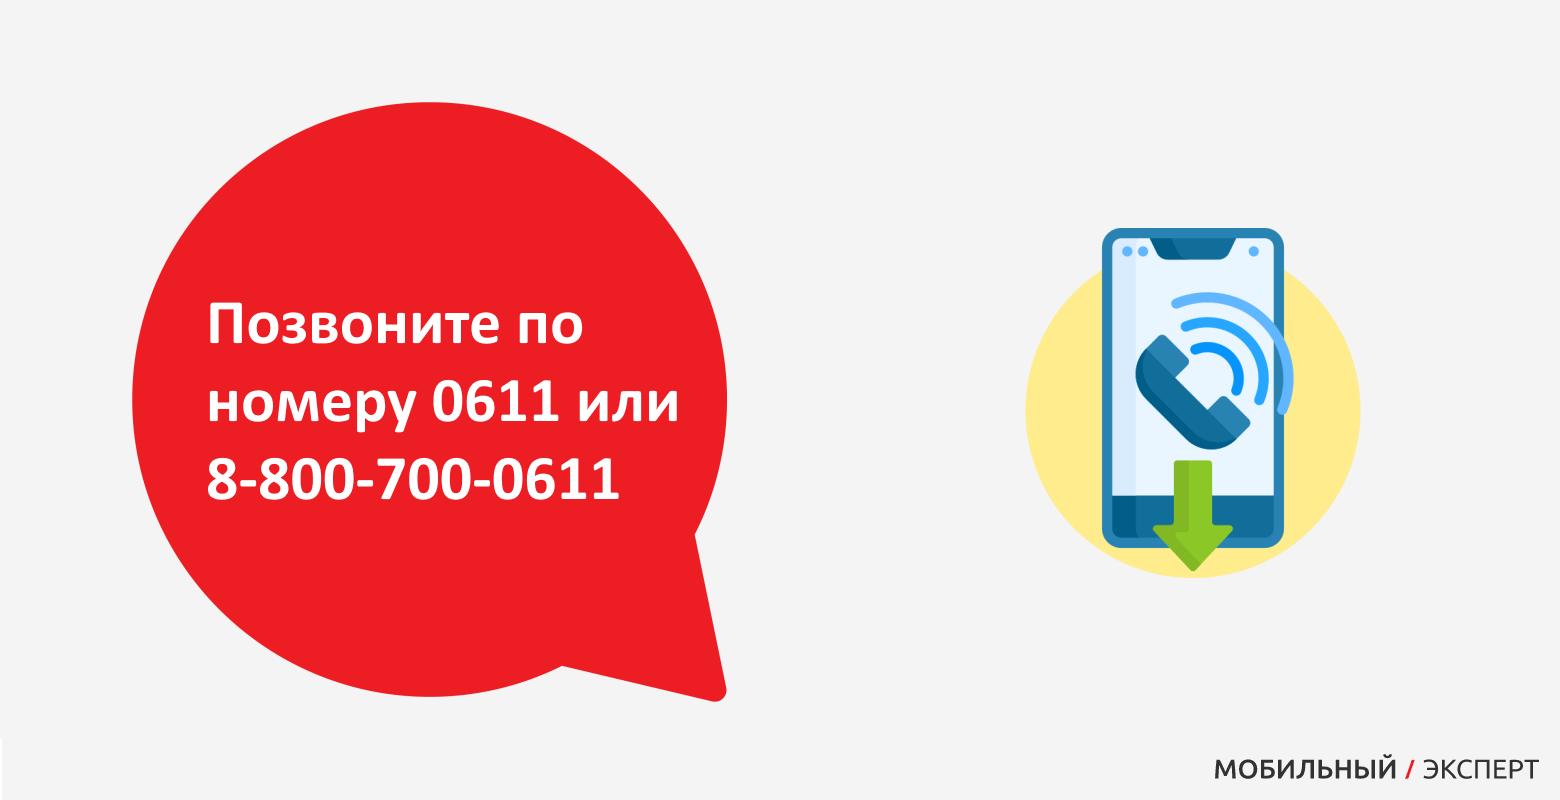 Позвоните по номеру 0611 или 8-800-700-0611